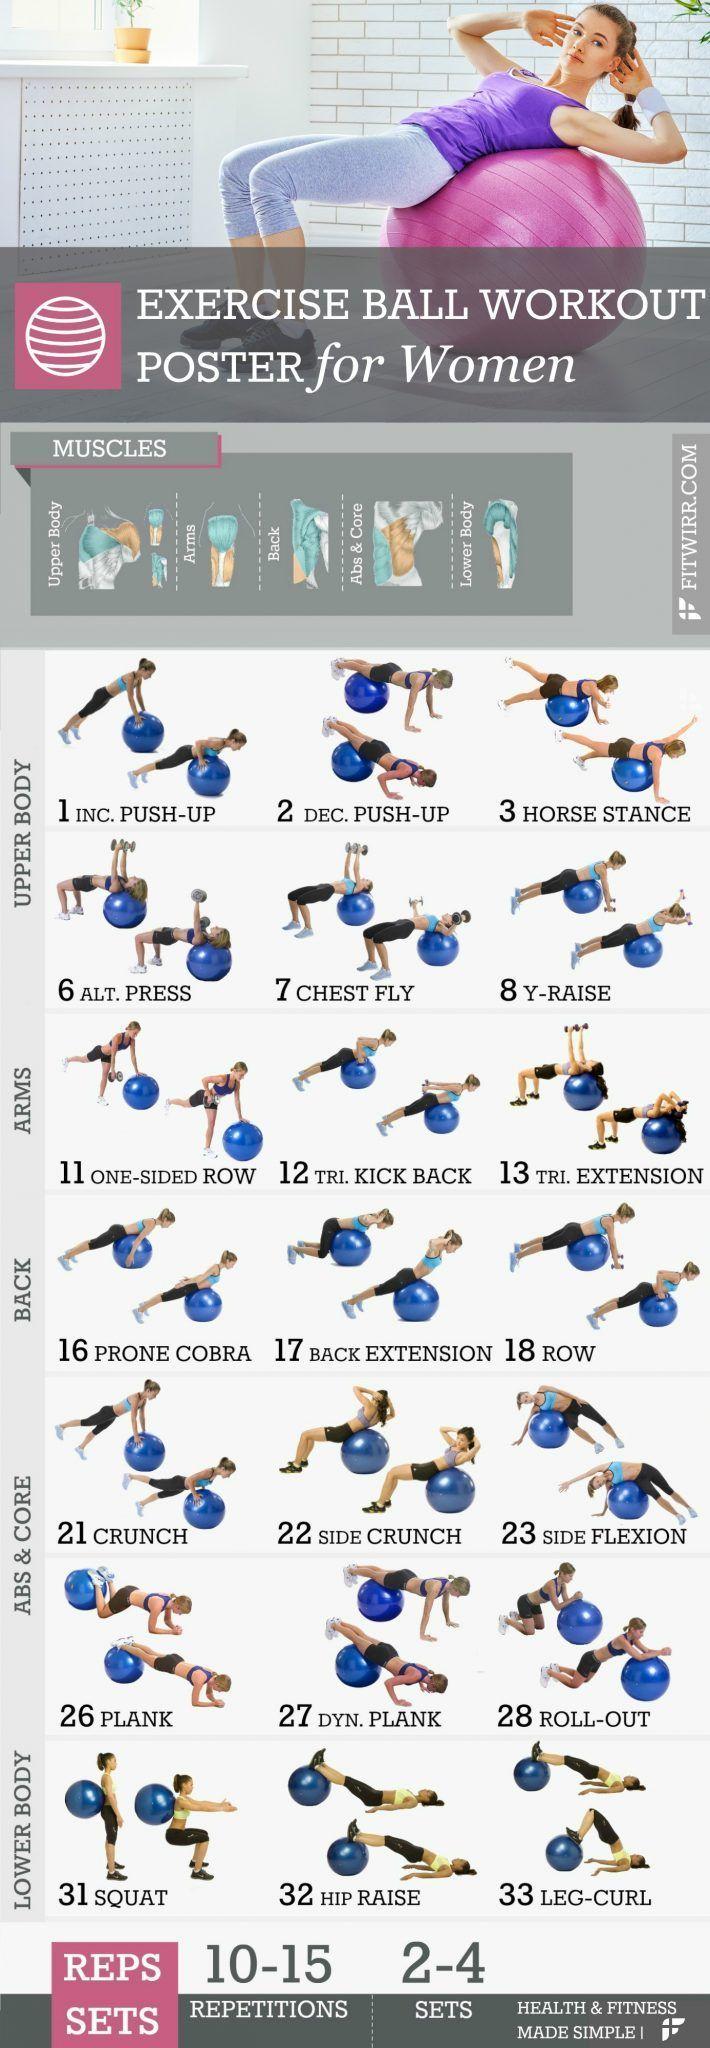 Die besten Fitnessgeräte für zuhause: Extrem effektiv und dennoch platzsparend -  Pezzi Ball Workout...